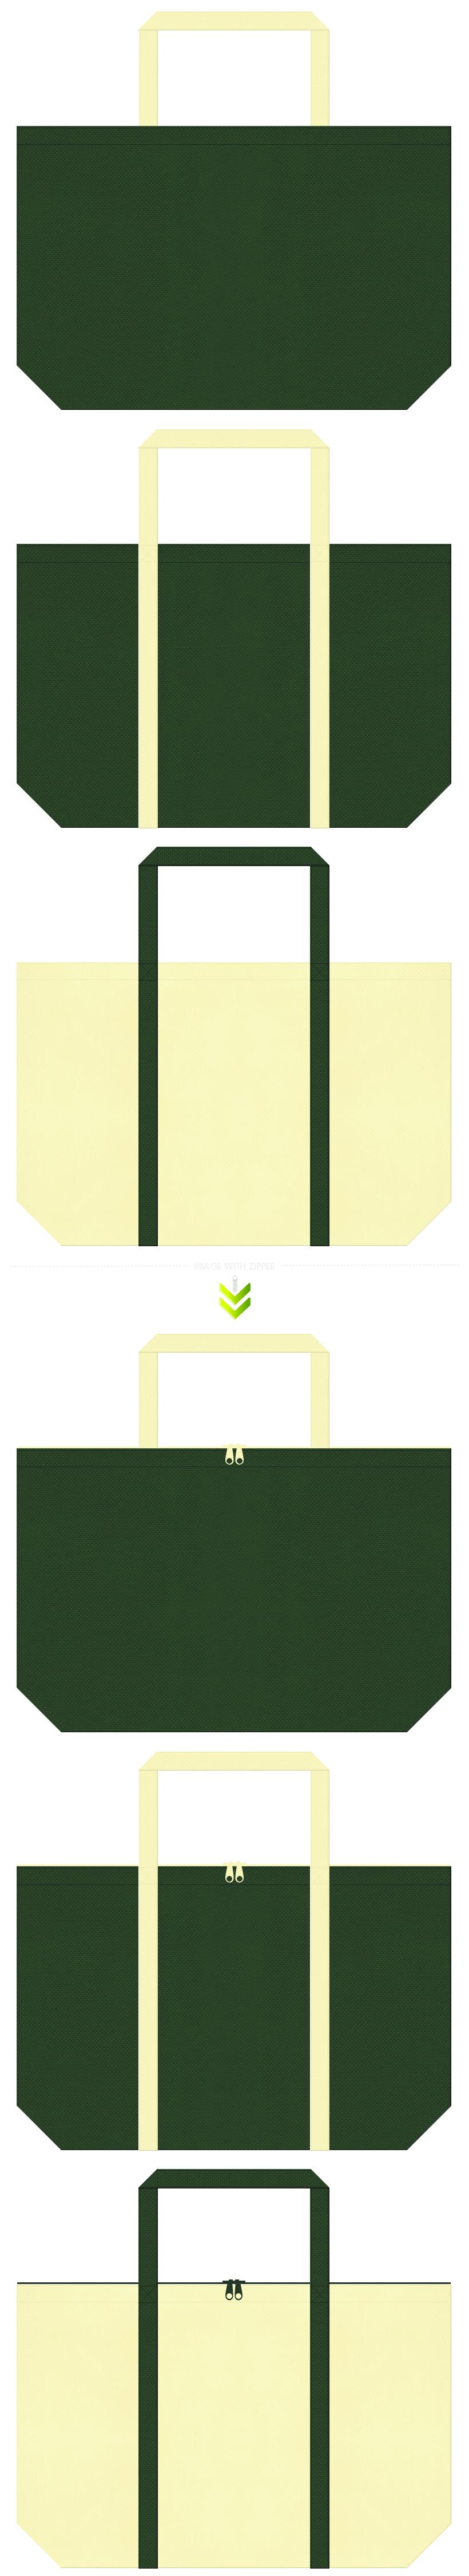 きゅうり・へちま・ランタン・照明器具・登山・アウトドア・キャンプ用品のショッピングバッグにお奨めの不織布バッグデザイン:濃緑色・深緑色と薄黄色のコーデ